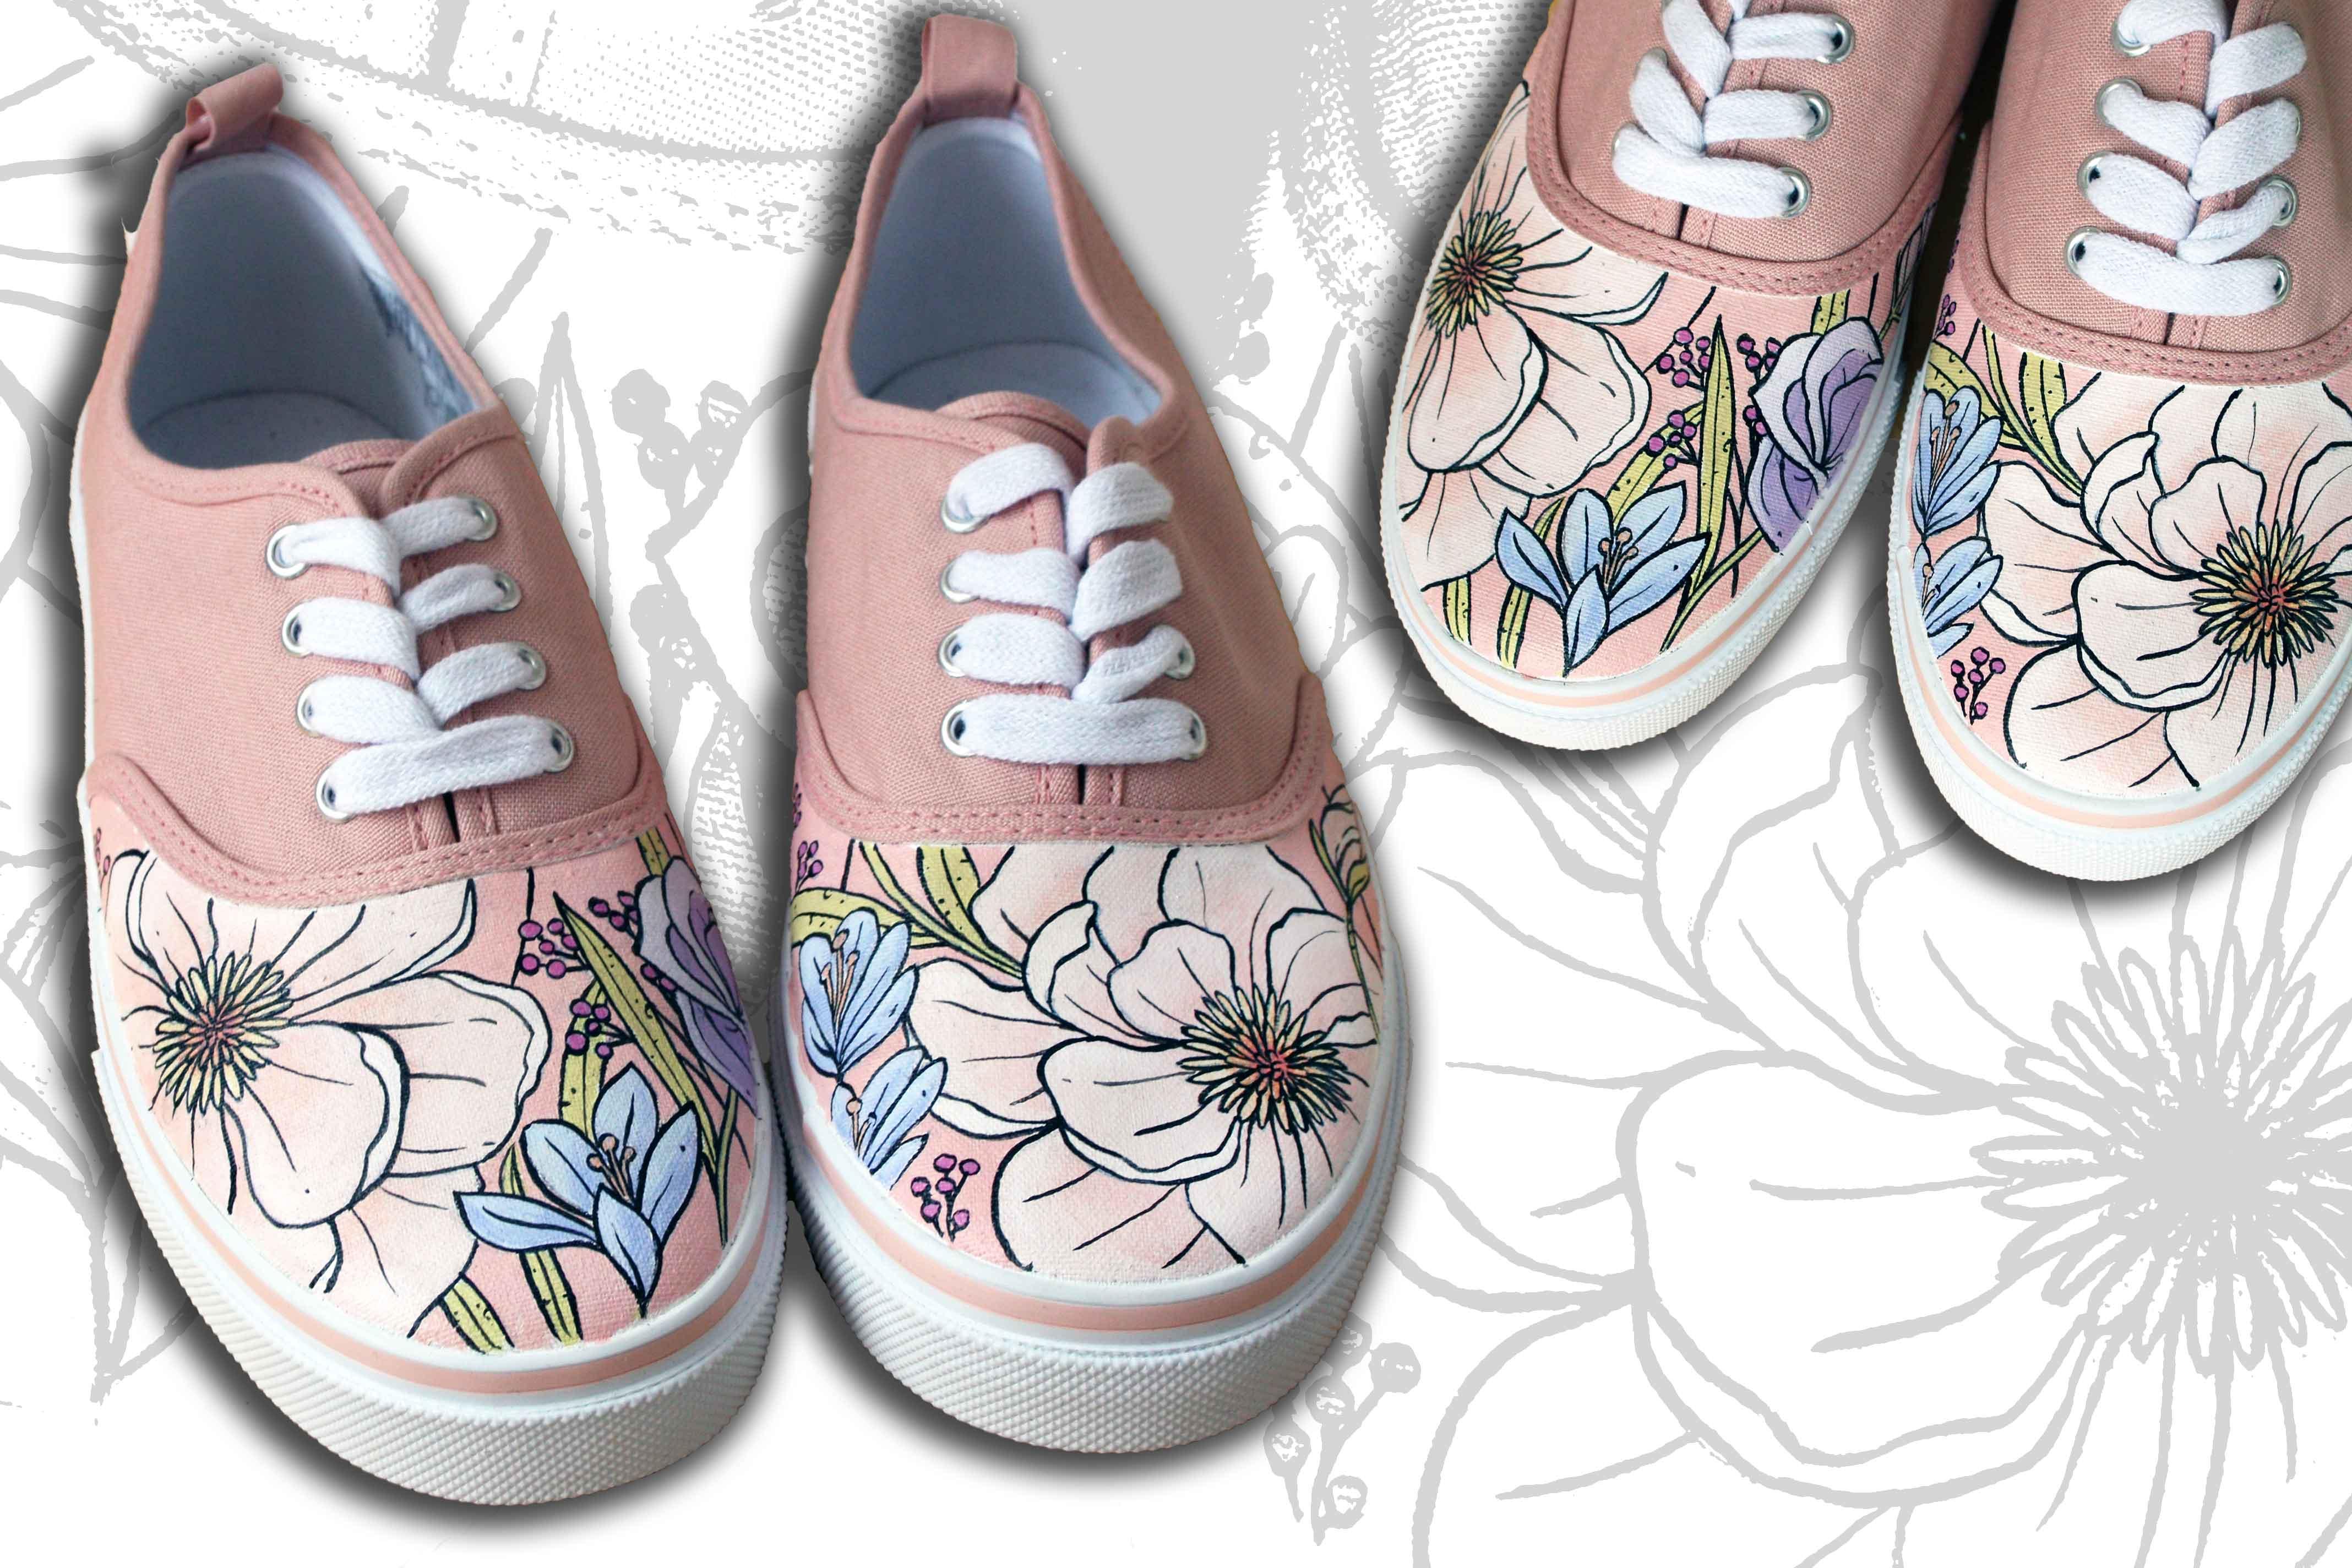 scarpe dipinte a mano con fiori